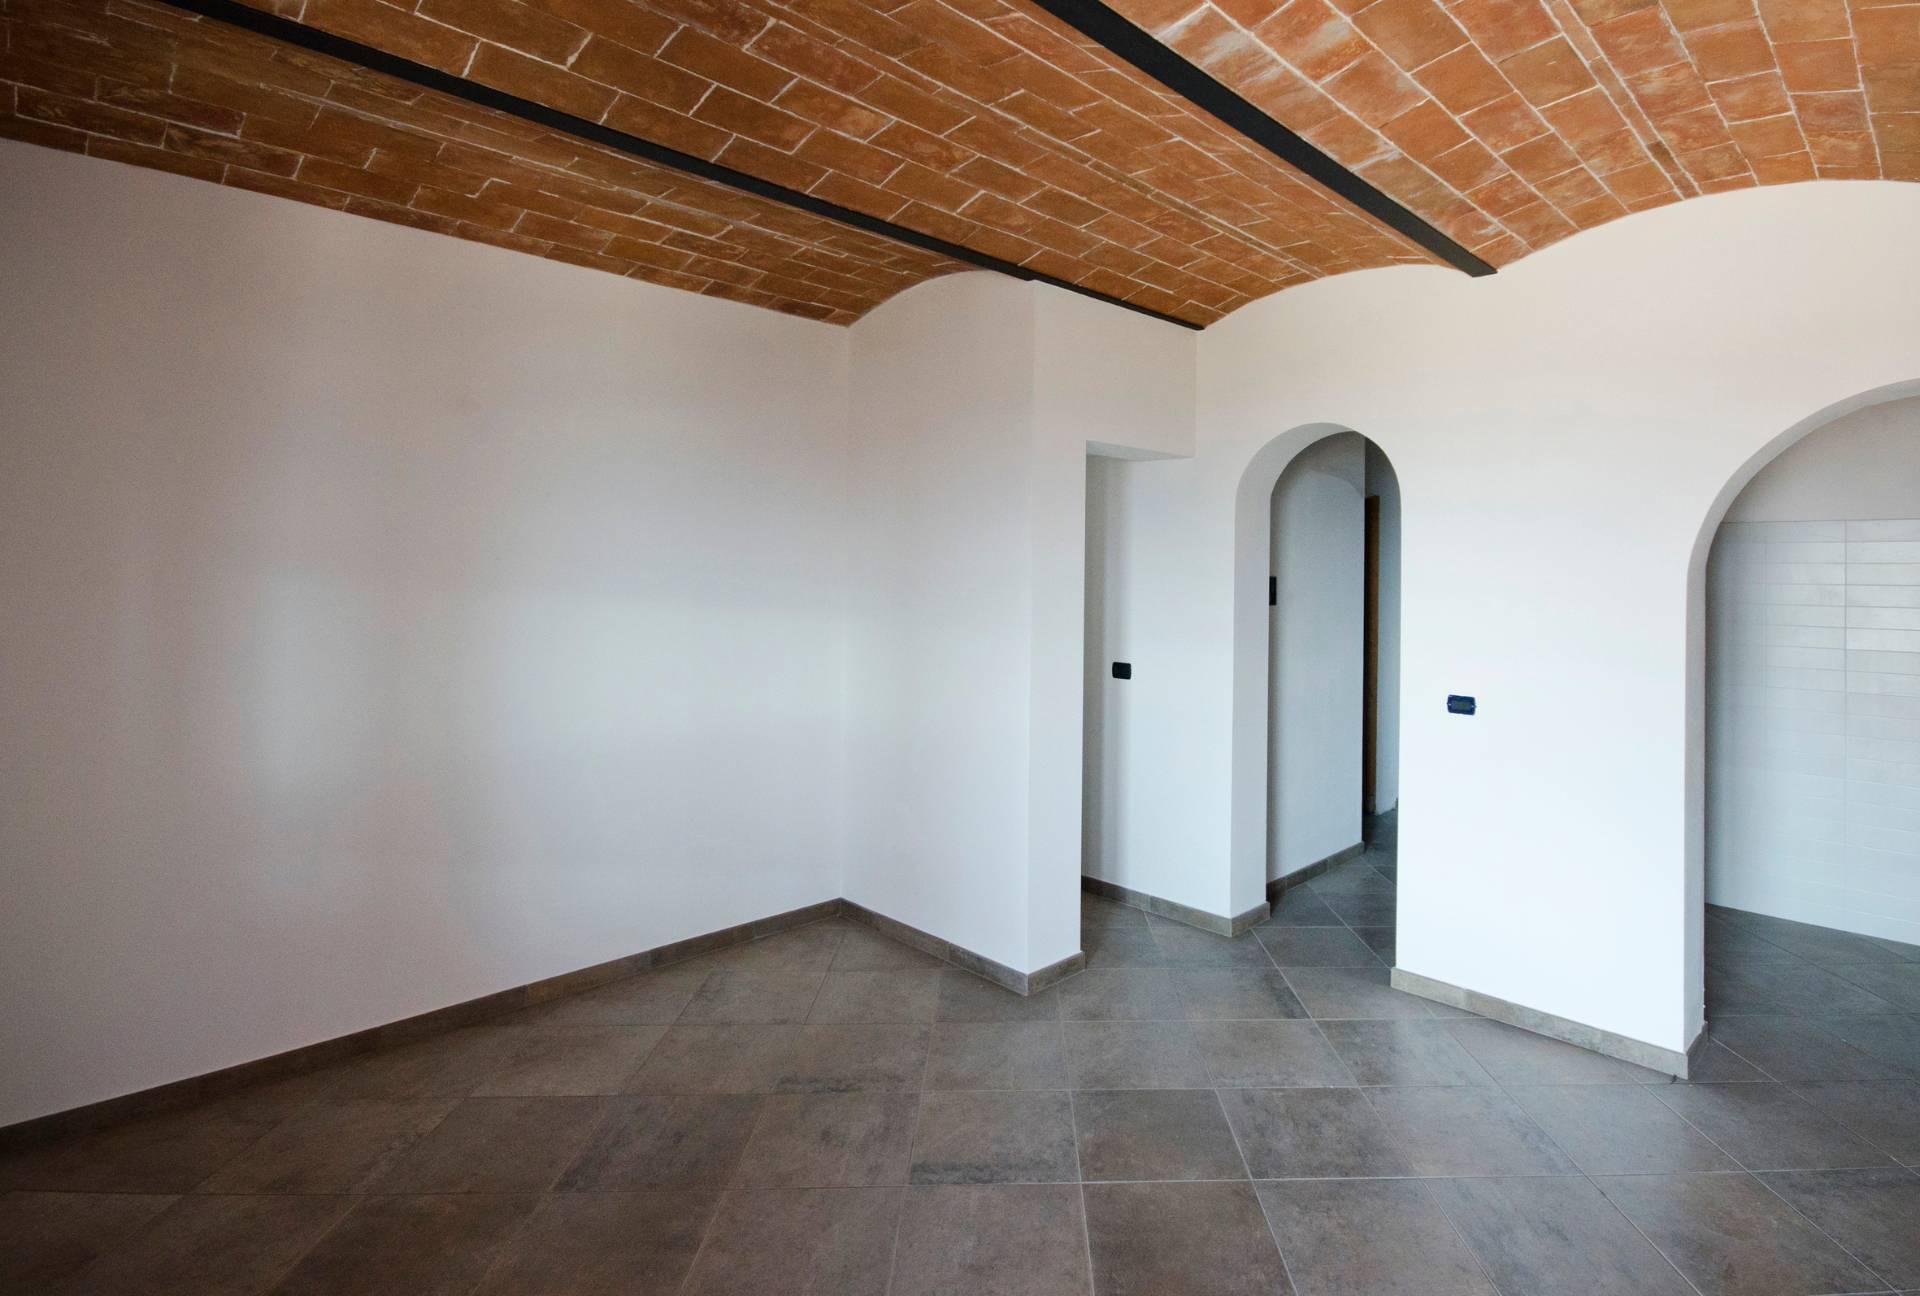 Appartamento in vendita a Riparbella, 2 locali, prezzo € 190.000 | PortaleAgenzieImmobiliari.it